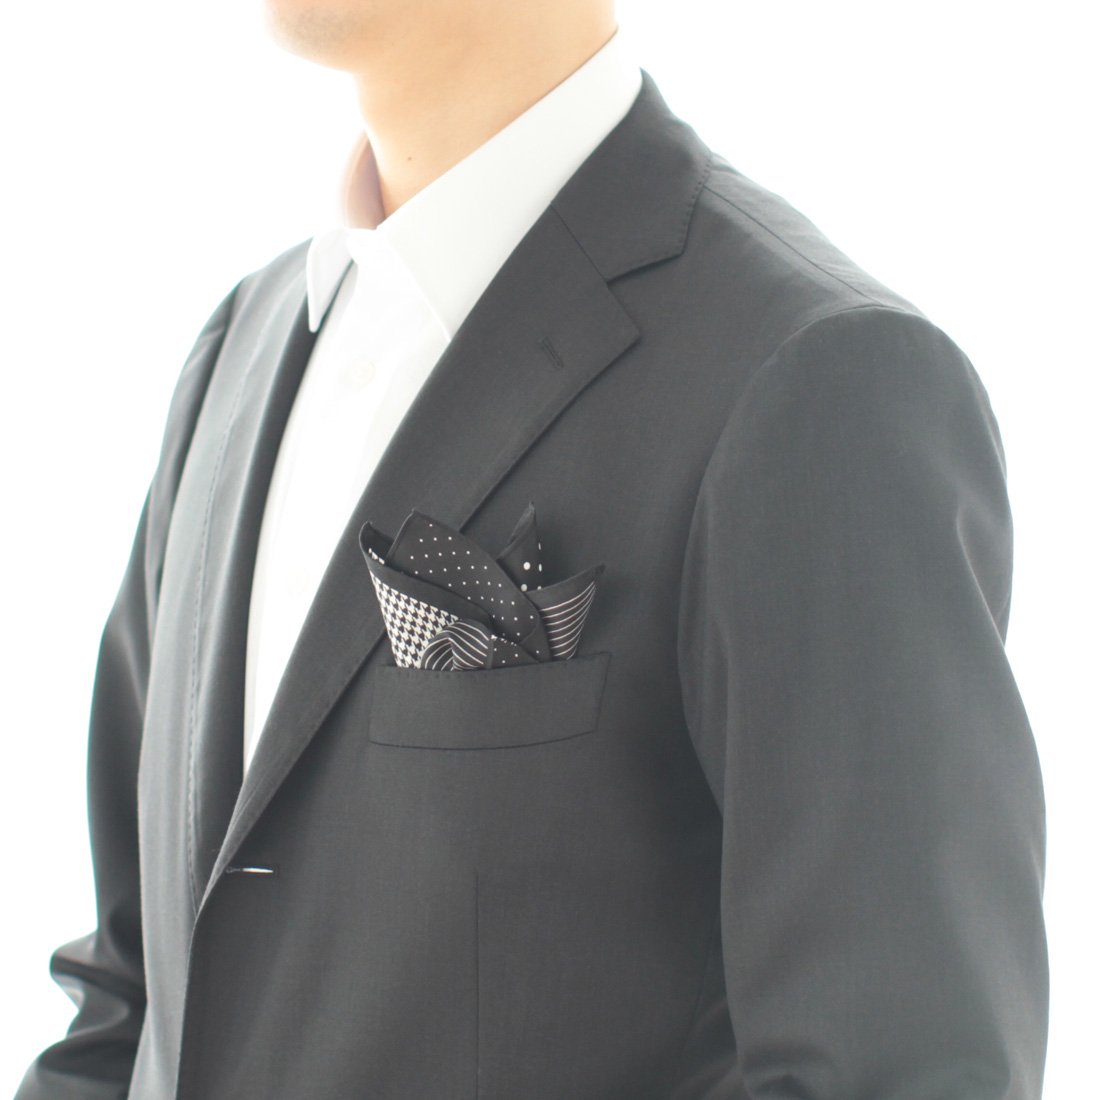 ポケットチーフ 4 patterns 5255 ブラック